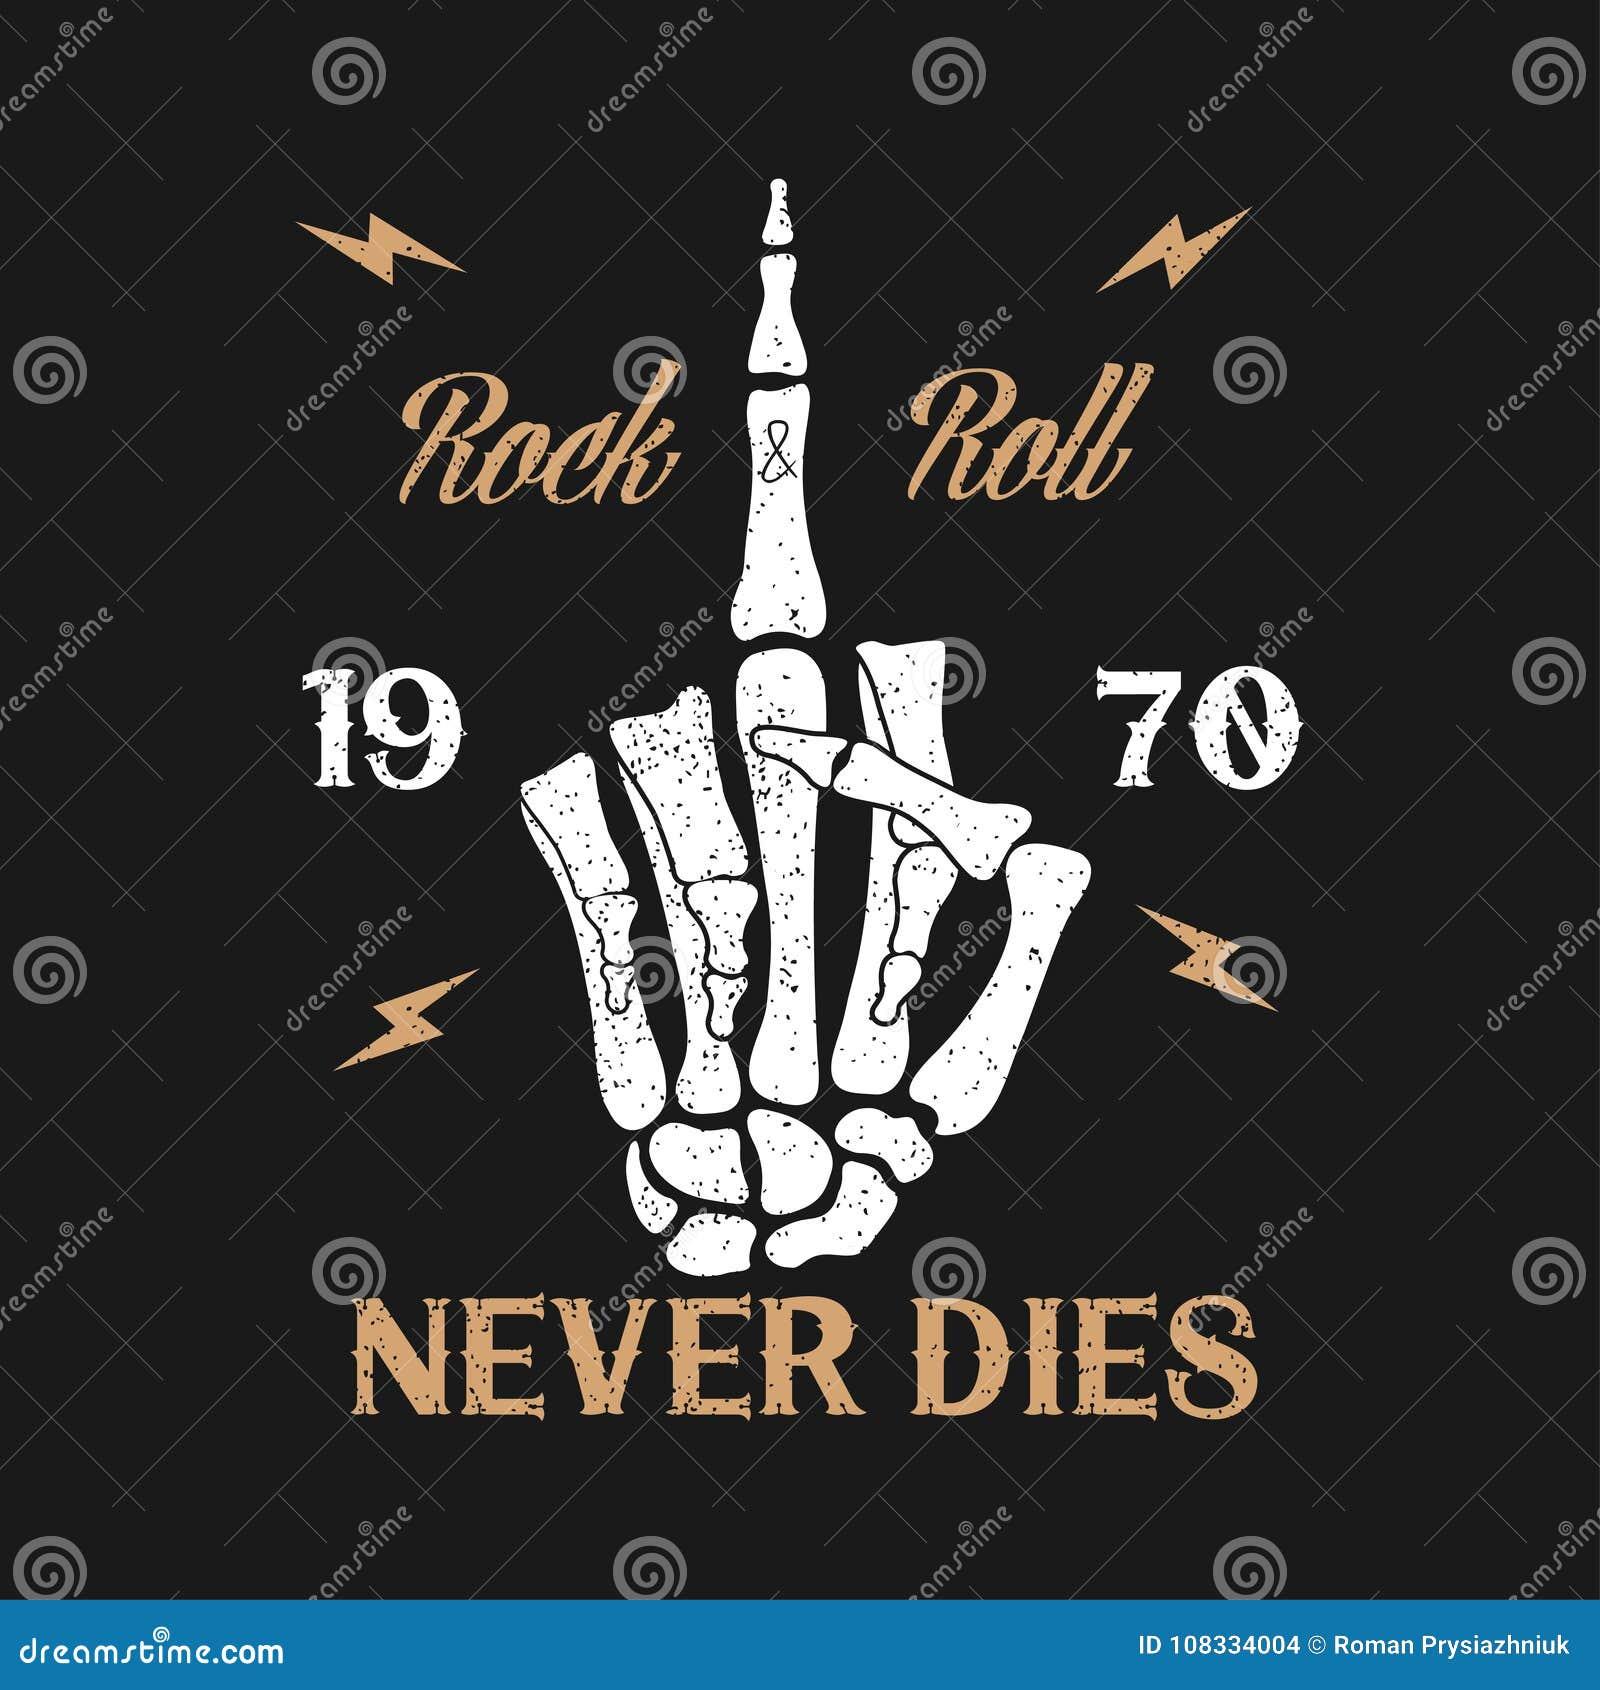 Τυπογραφία μουσικής βράχος-ν-ρόλων grunge για την μπλούζα Το σχέδιο ενδυμάτων με το χέρι σκελετών παρουσιάζει μέση χειρονομία δάχ